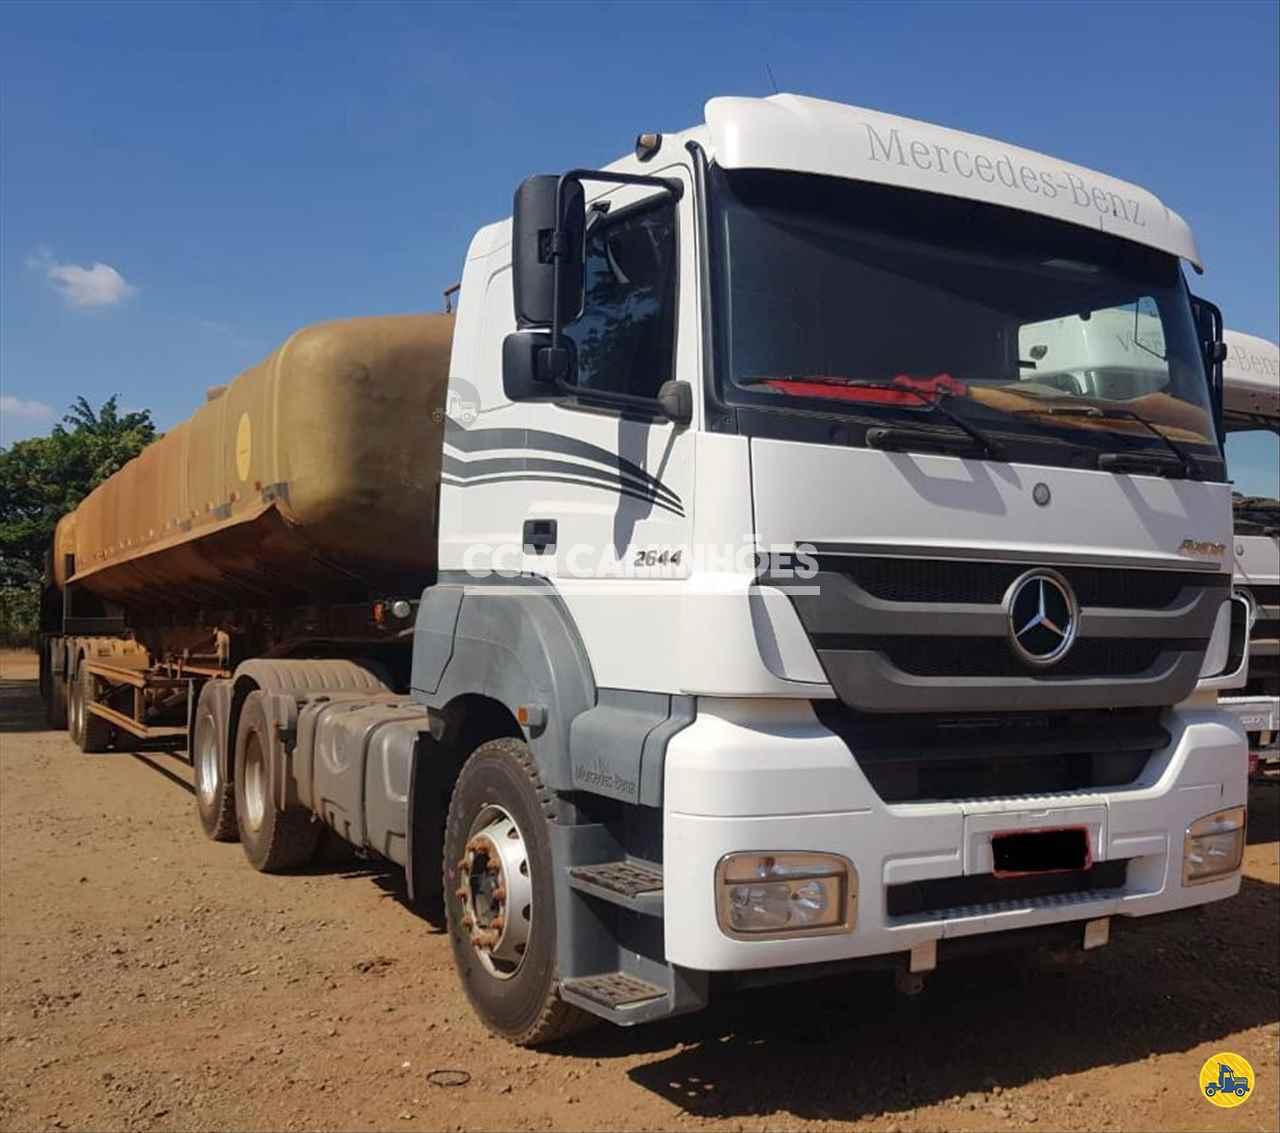 CAMINHAO MERCEDES-BENZ MB 2644 Cavalo Mecânico Traçado 6x4 CCM Caminhões GOIANIA GOIAS GO